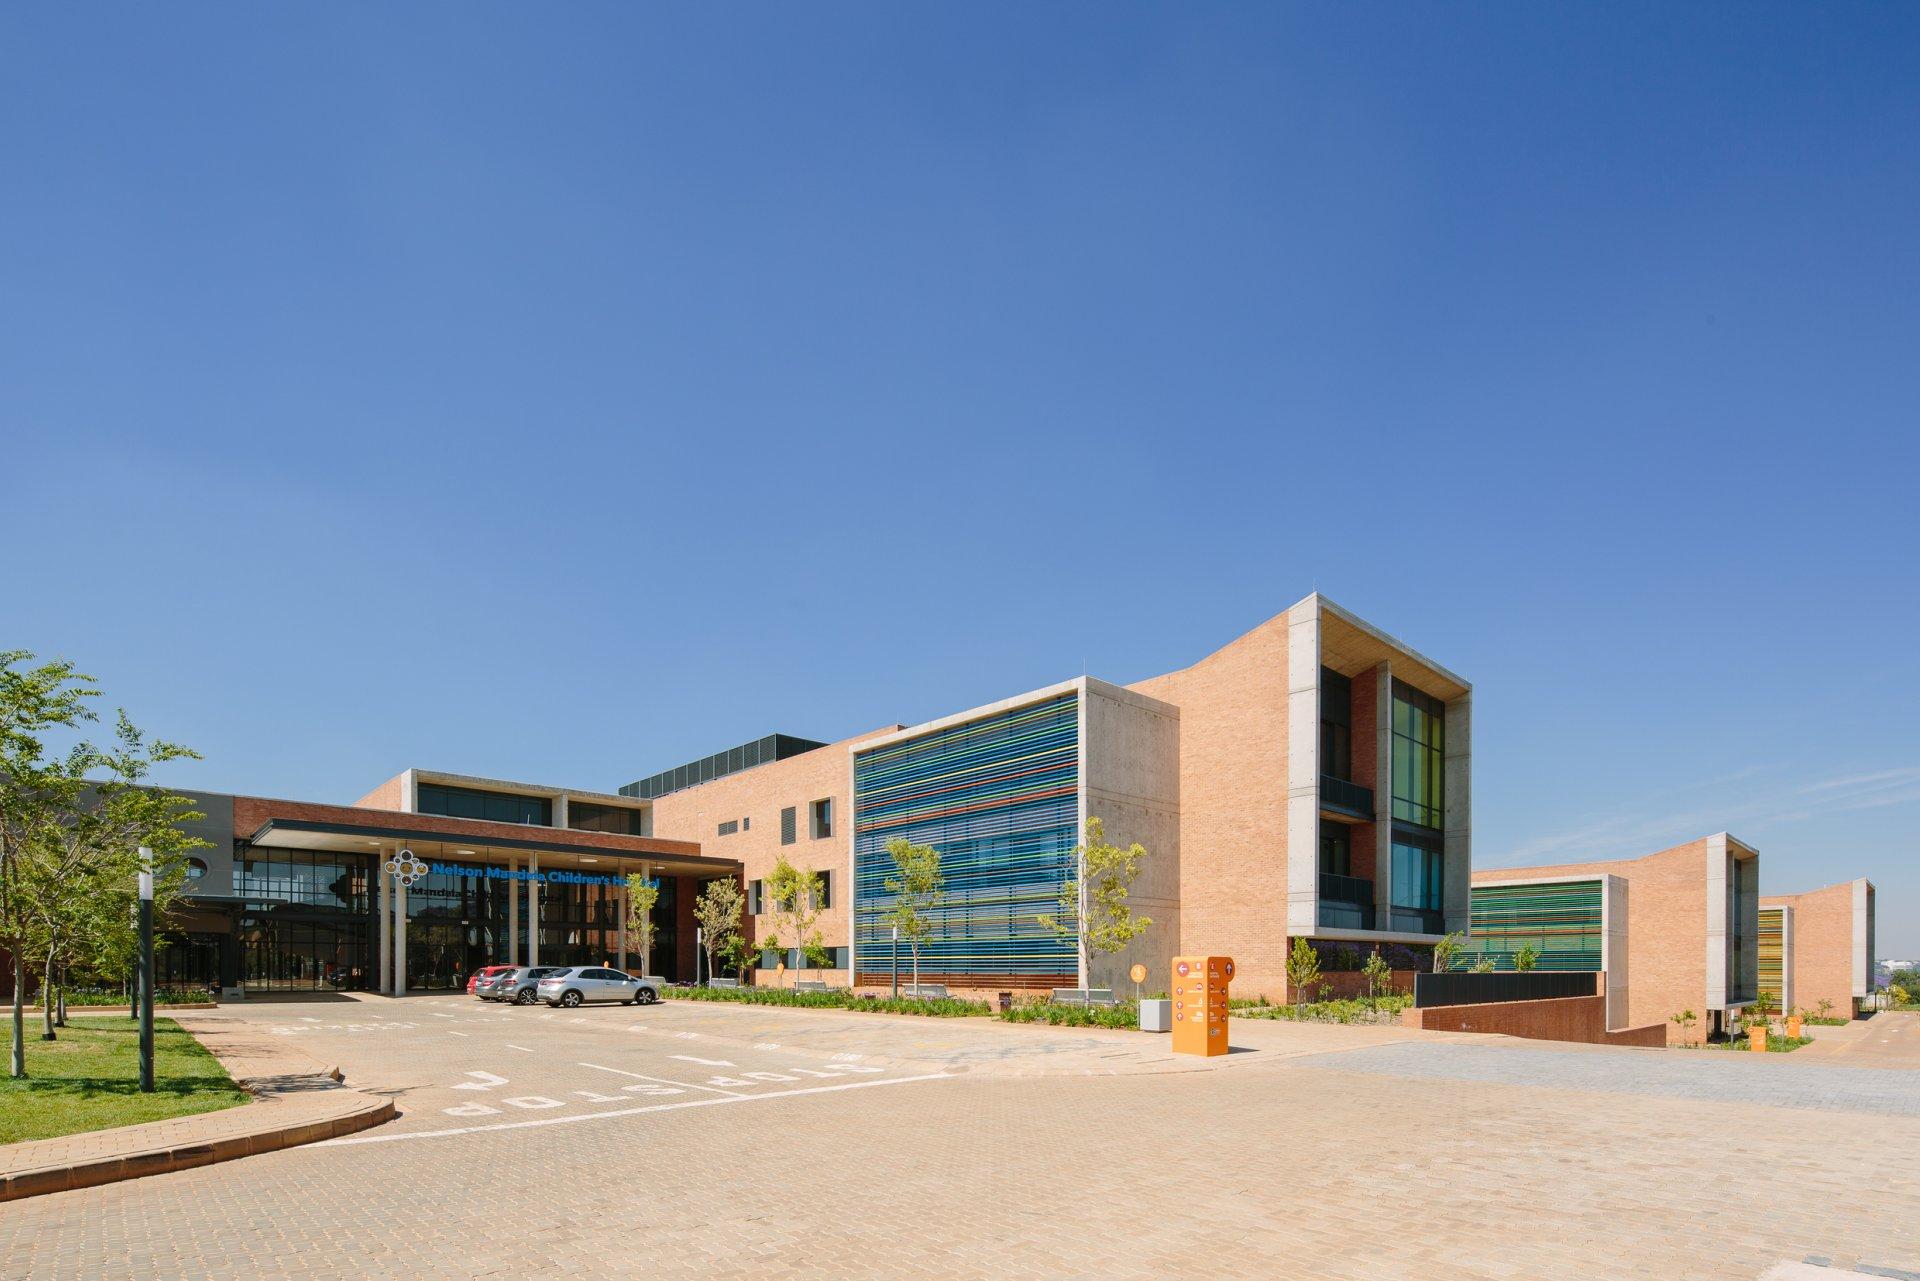 dell childrens hospital er - 1120×747